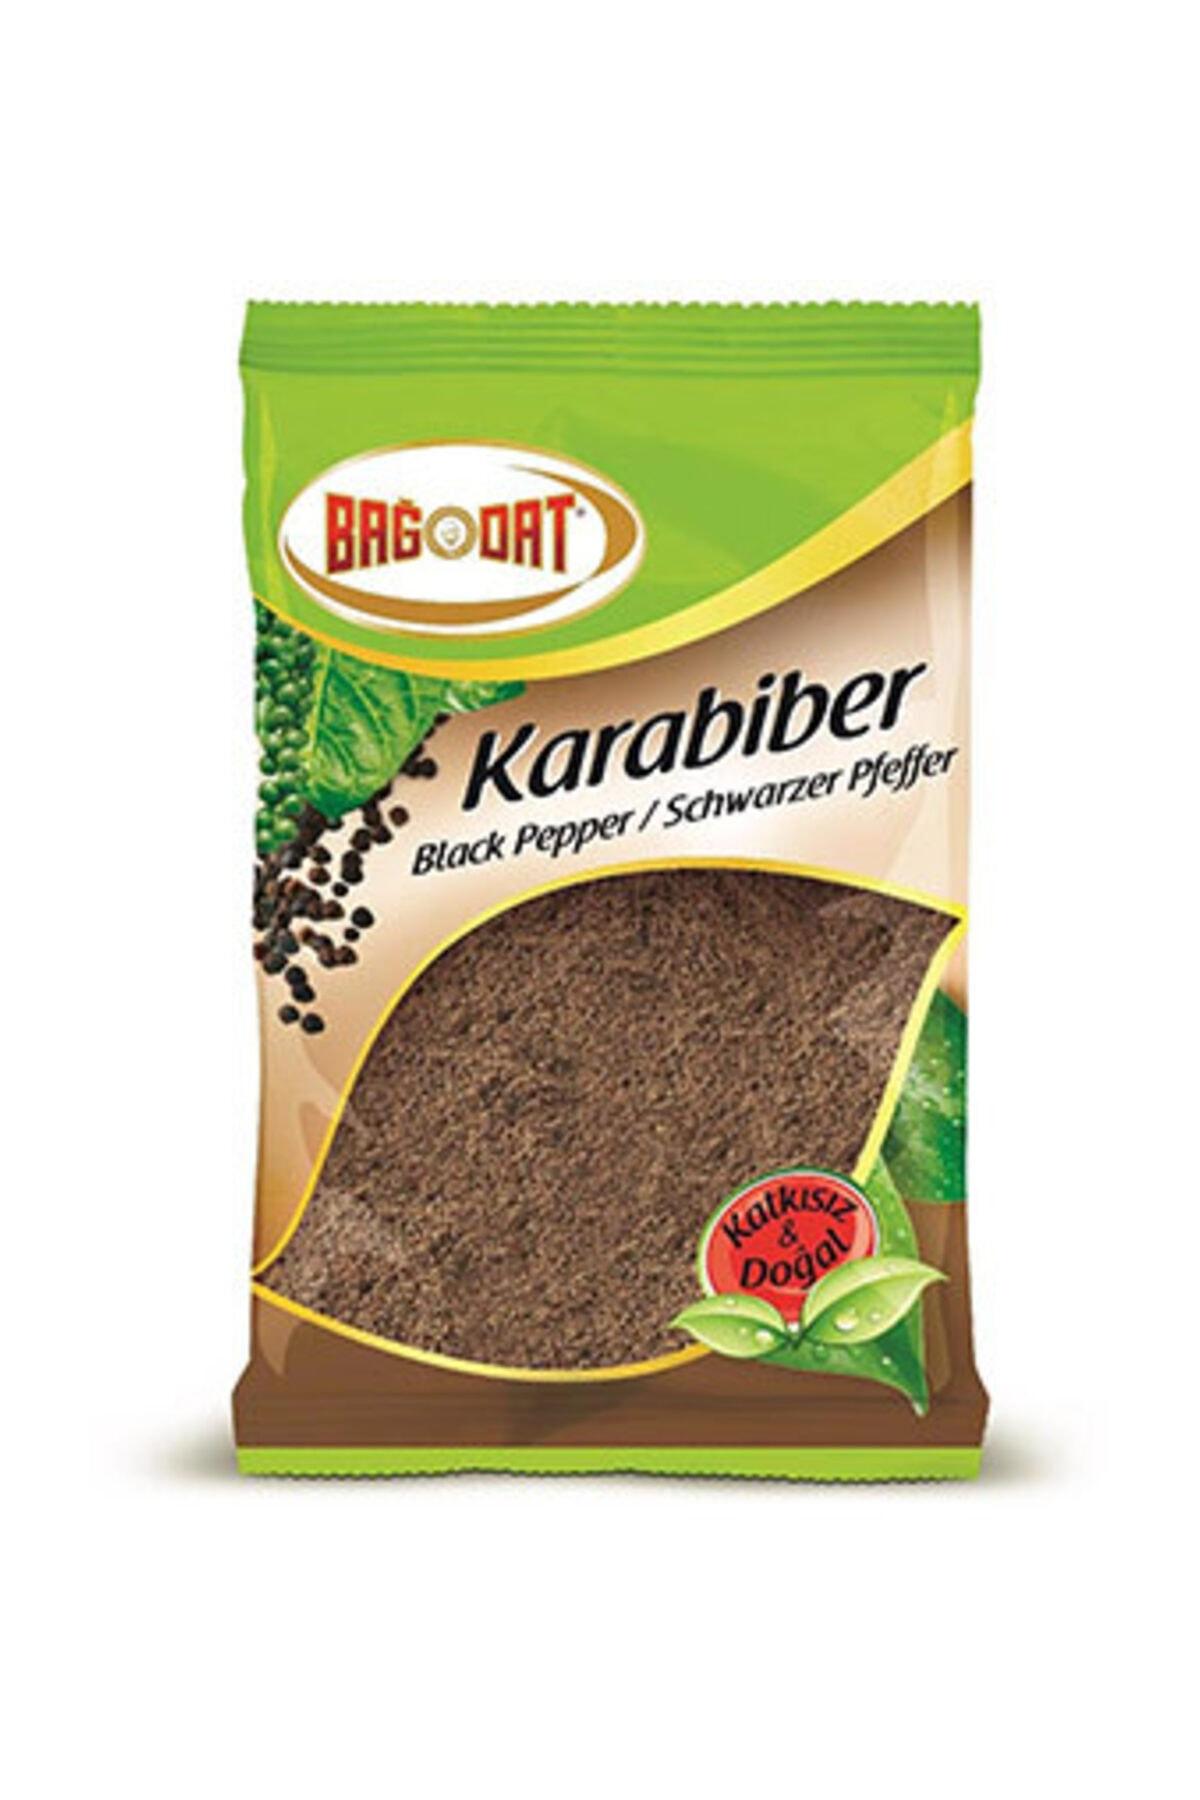 BAGDAT KARABIBER 40 GR